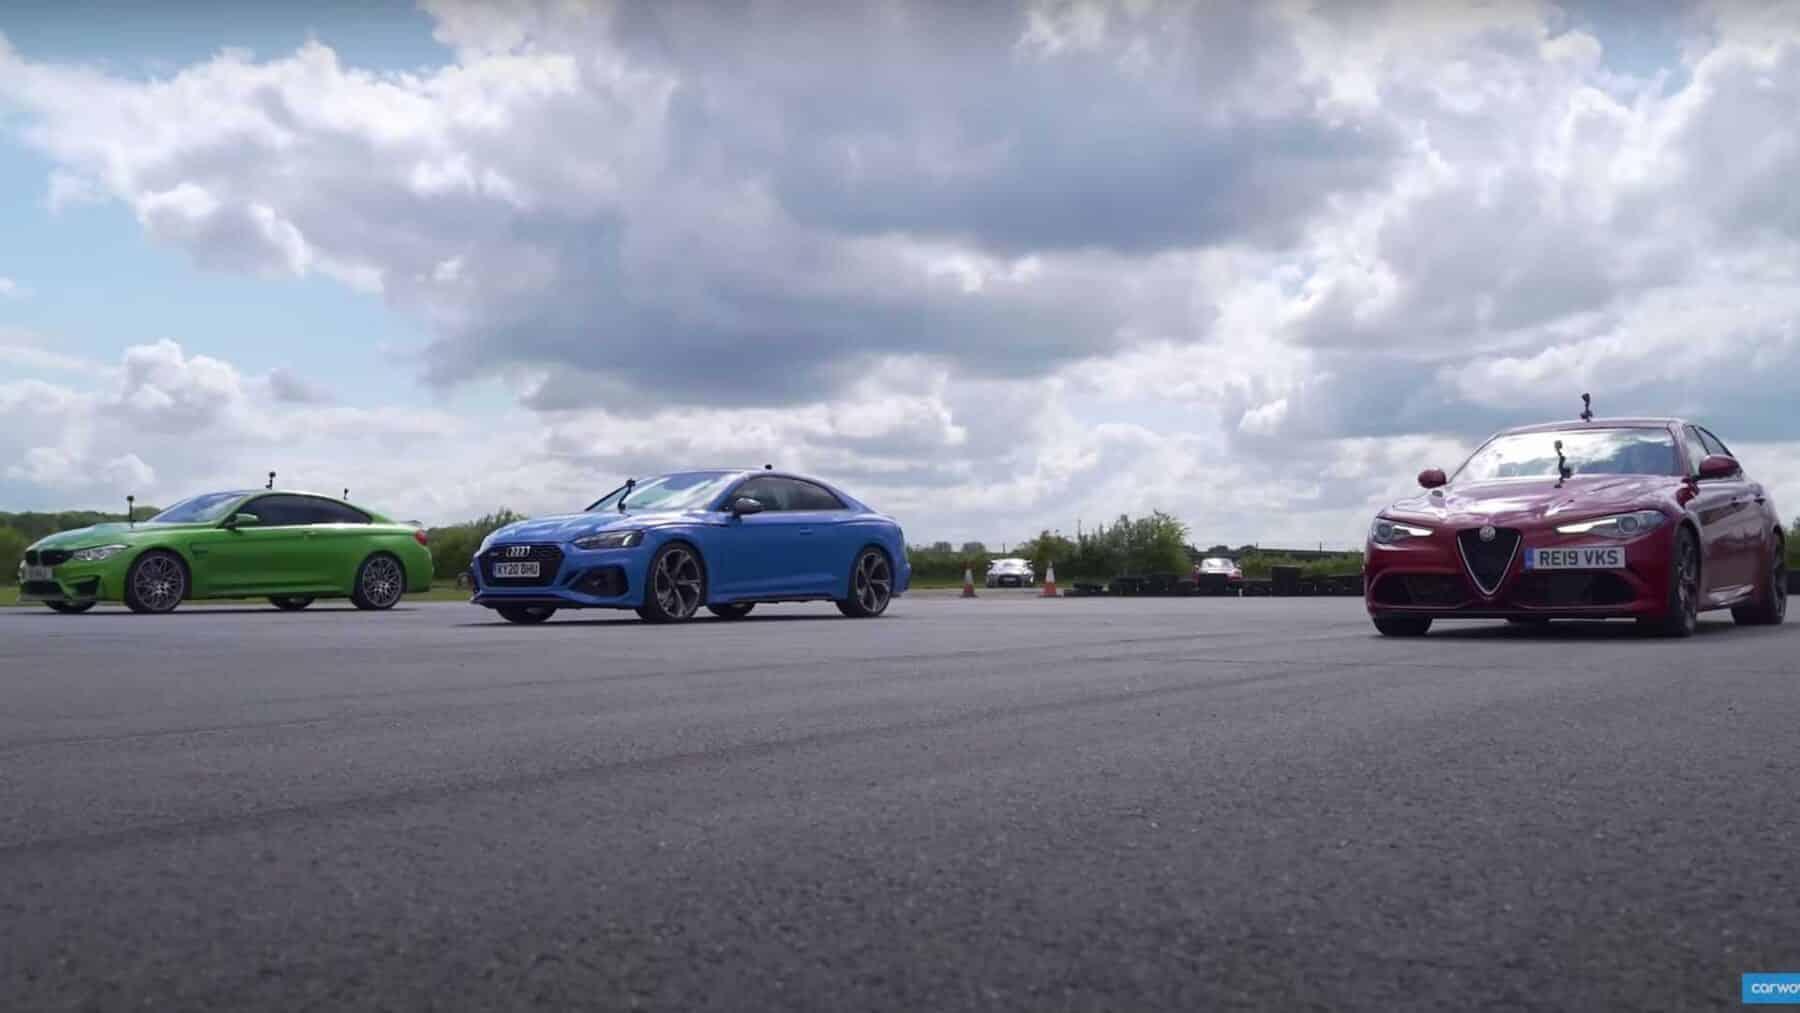 Carrera-de-aceleraci%C3%B3n-1.jpg